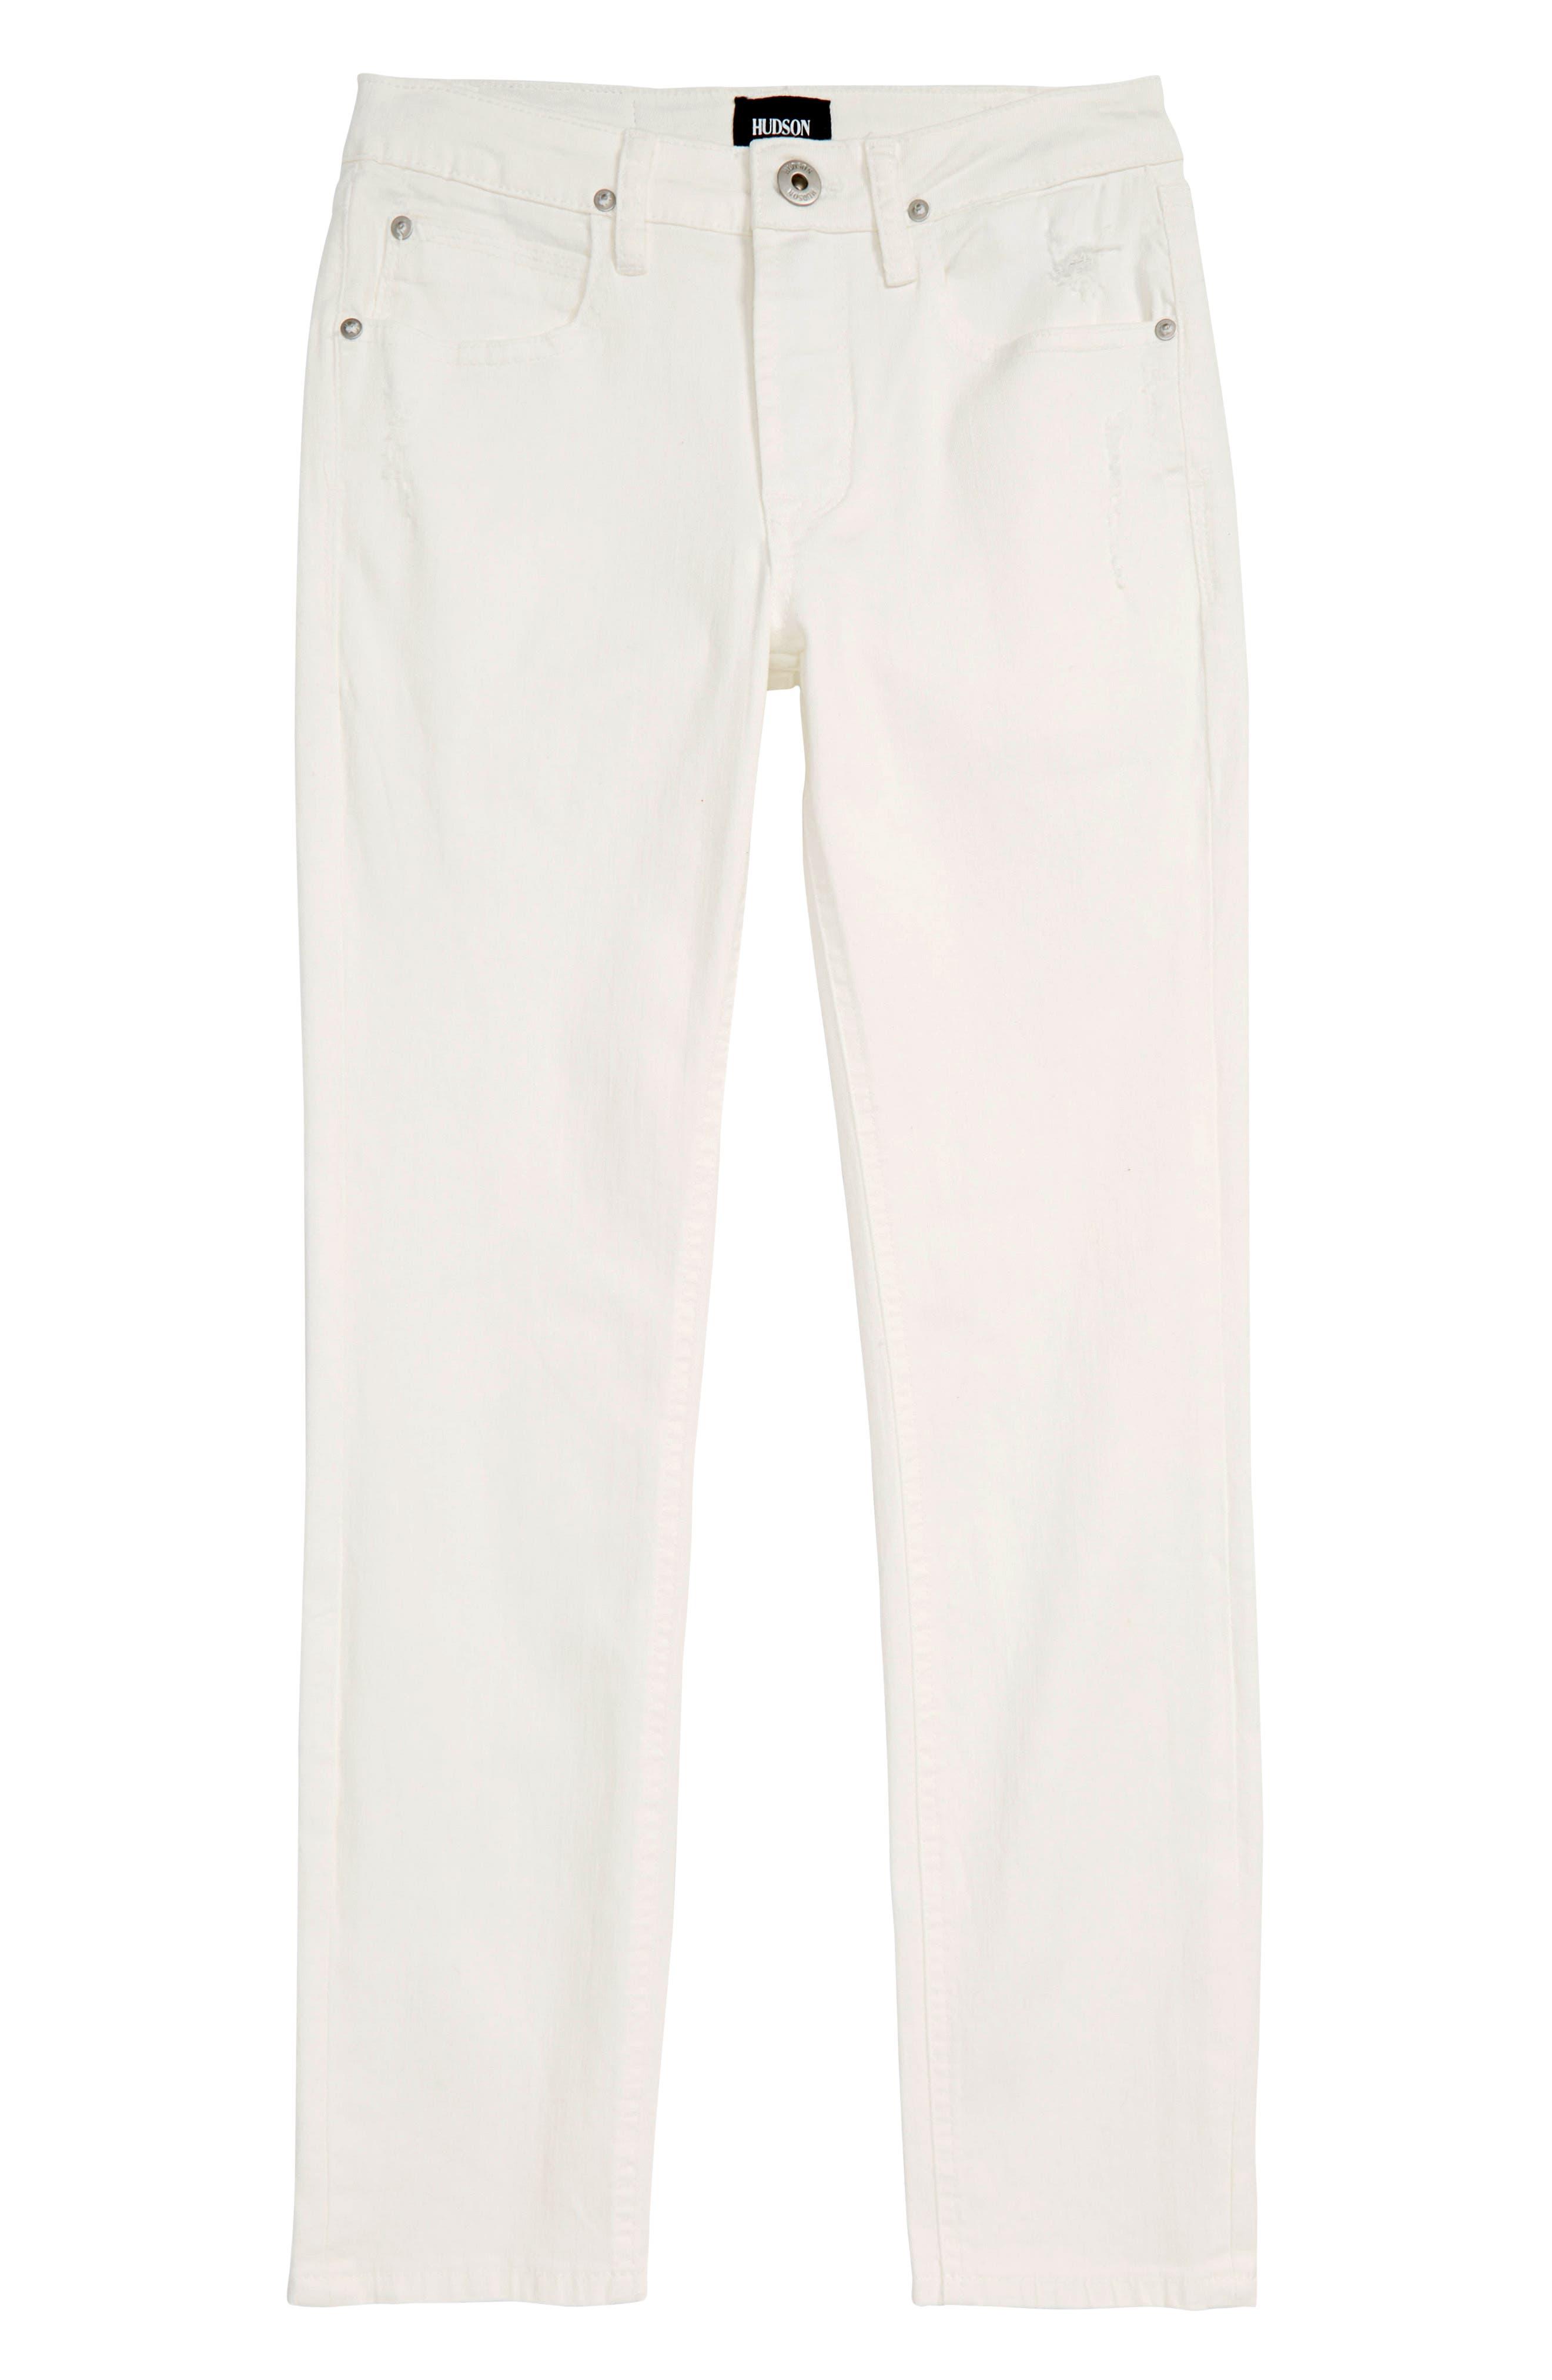 HUDSON KIDS, Straight Leg Jeans, Main thumbnail 1, color, MOONSHINE